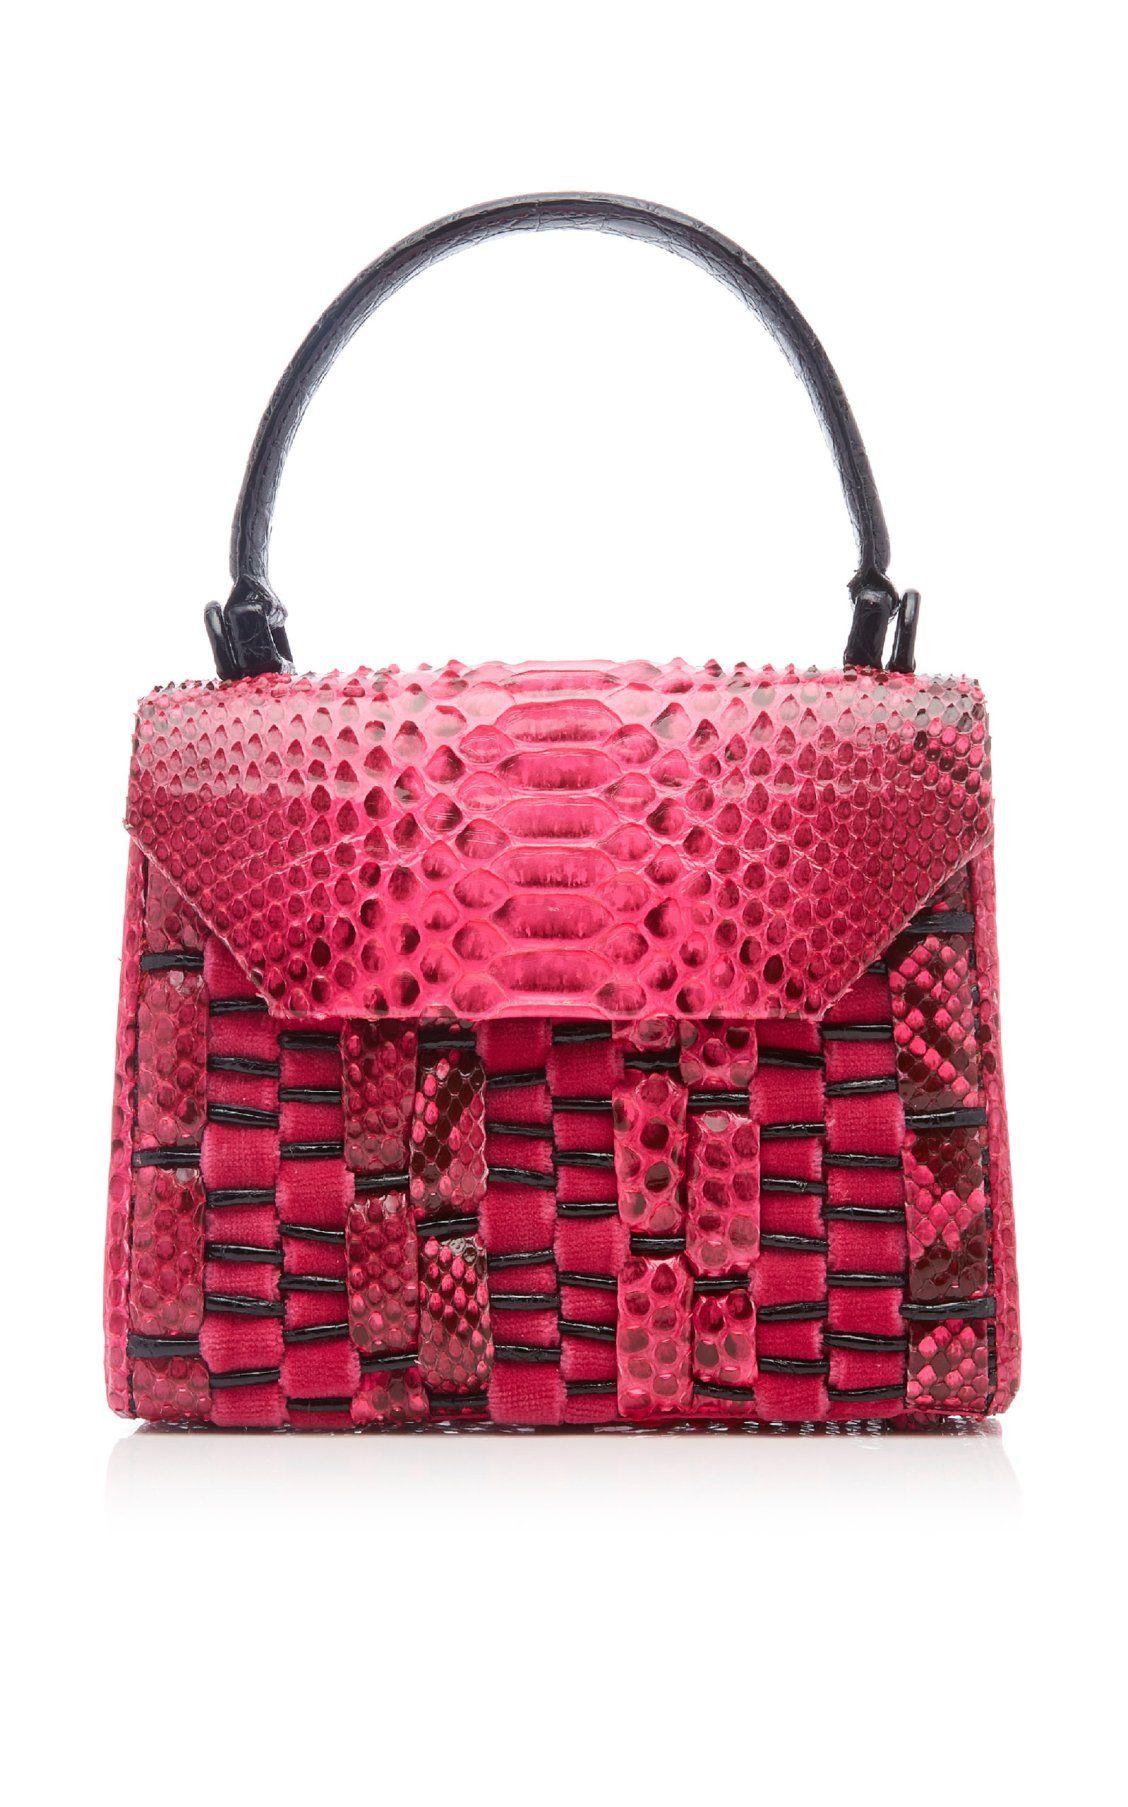 5ce50c8cd219 Lily Mini Woven Python Top Handle Bag by Nancy Gonzalez FW19 | Moda Operandi